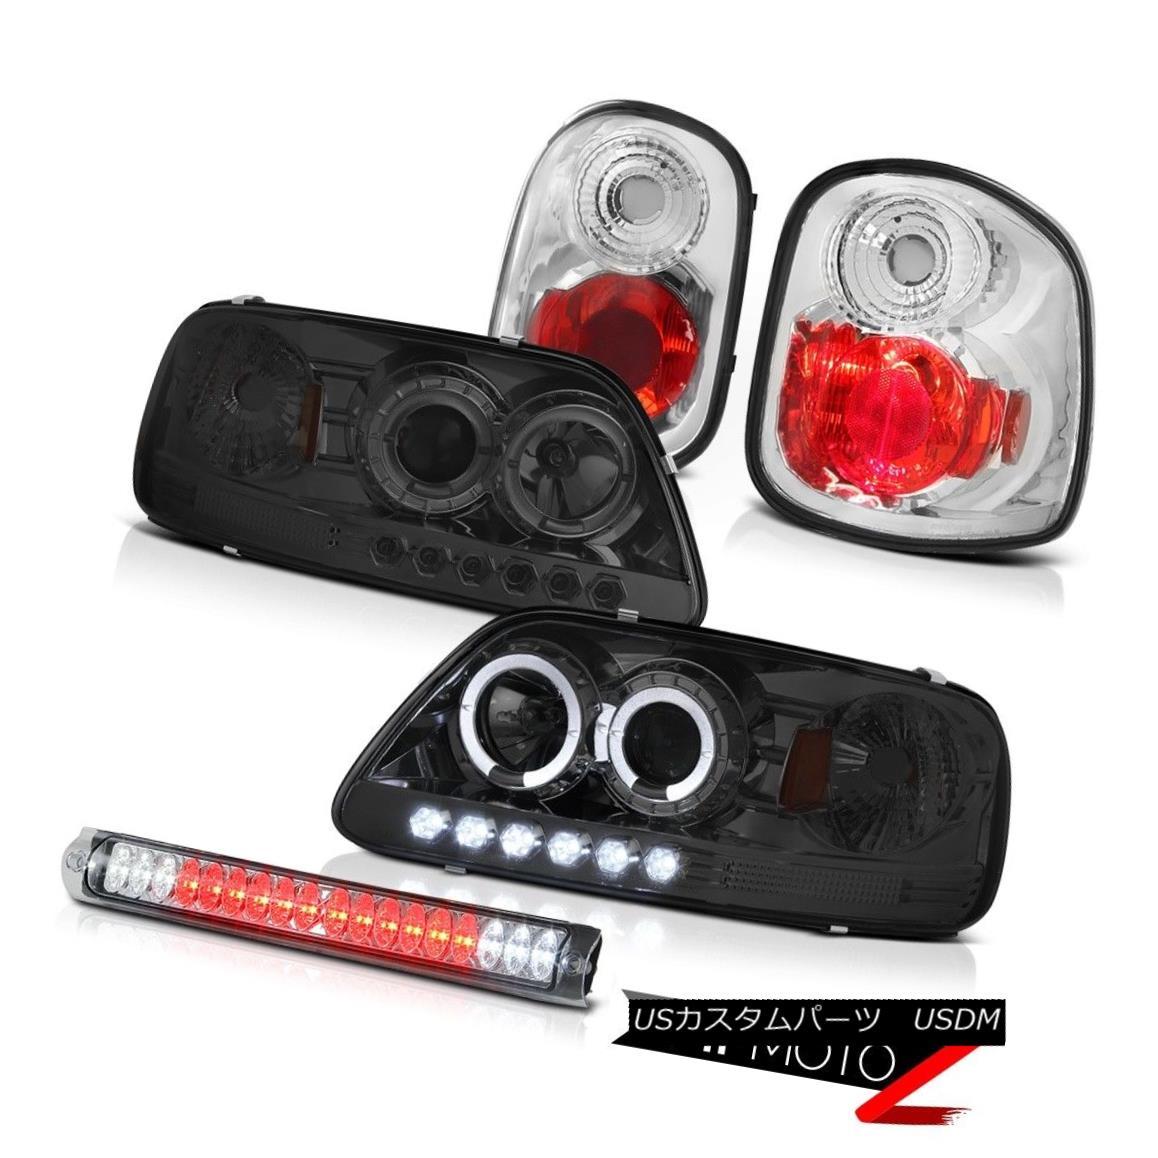 テールライト Halo Smoke Headlights Rear Brake Lights LED Clear 01 02 03 F150 Flareside 5.4L Halo SmokeヘッドライトリアブレーキライトLEDクリア01 02 03 F150 Flareside 5.4L